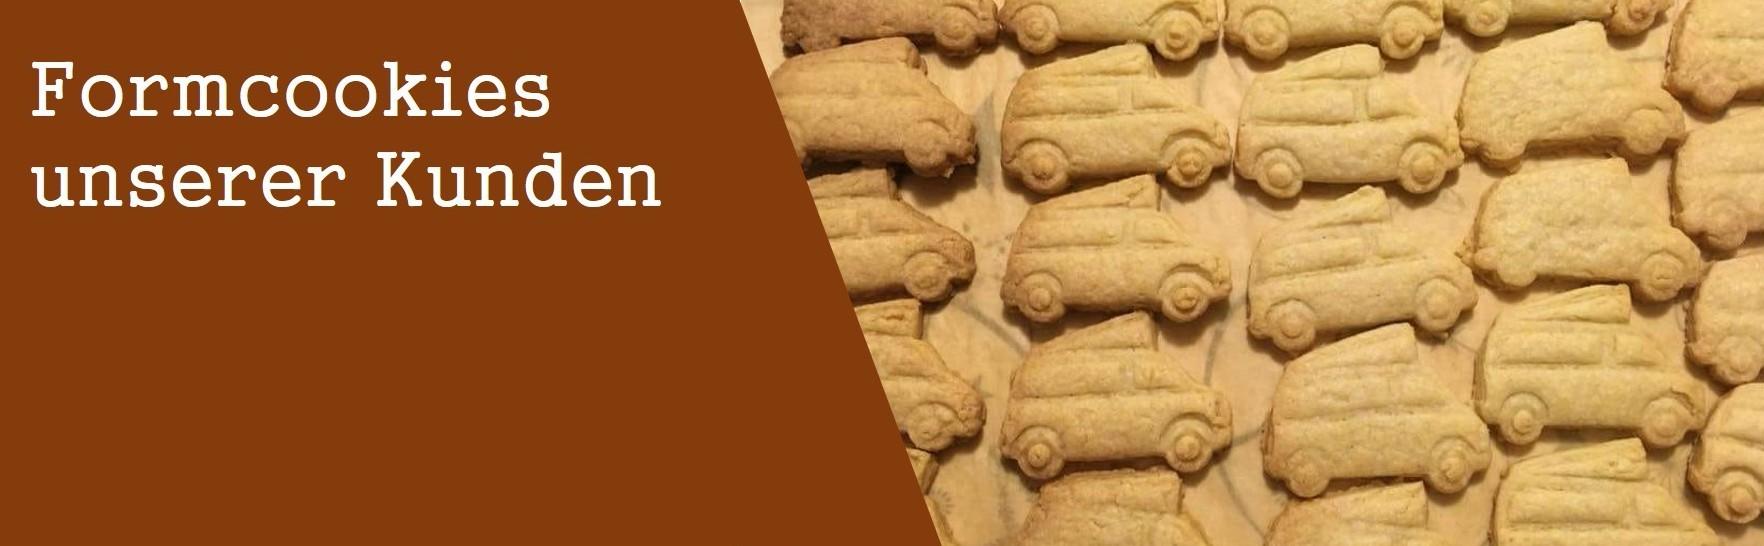 Formcookies unserer Kunden